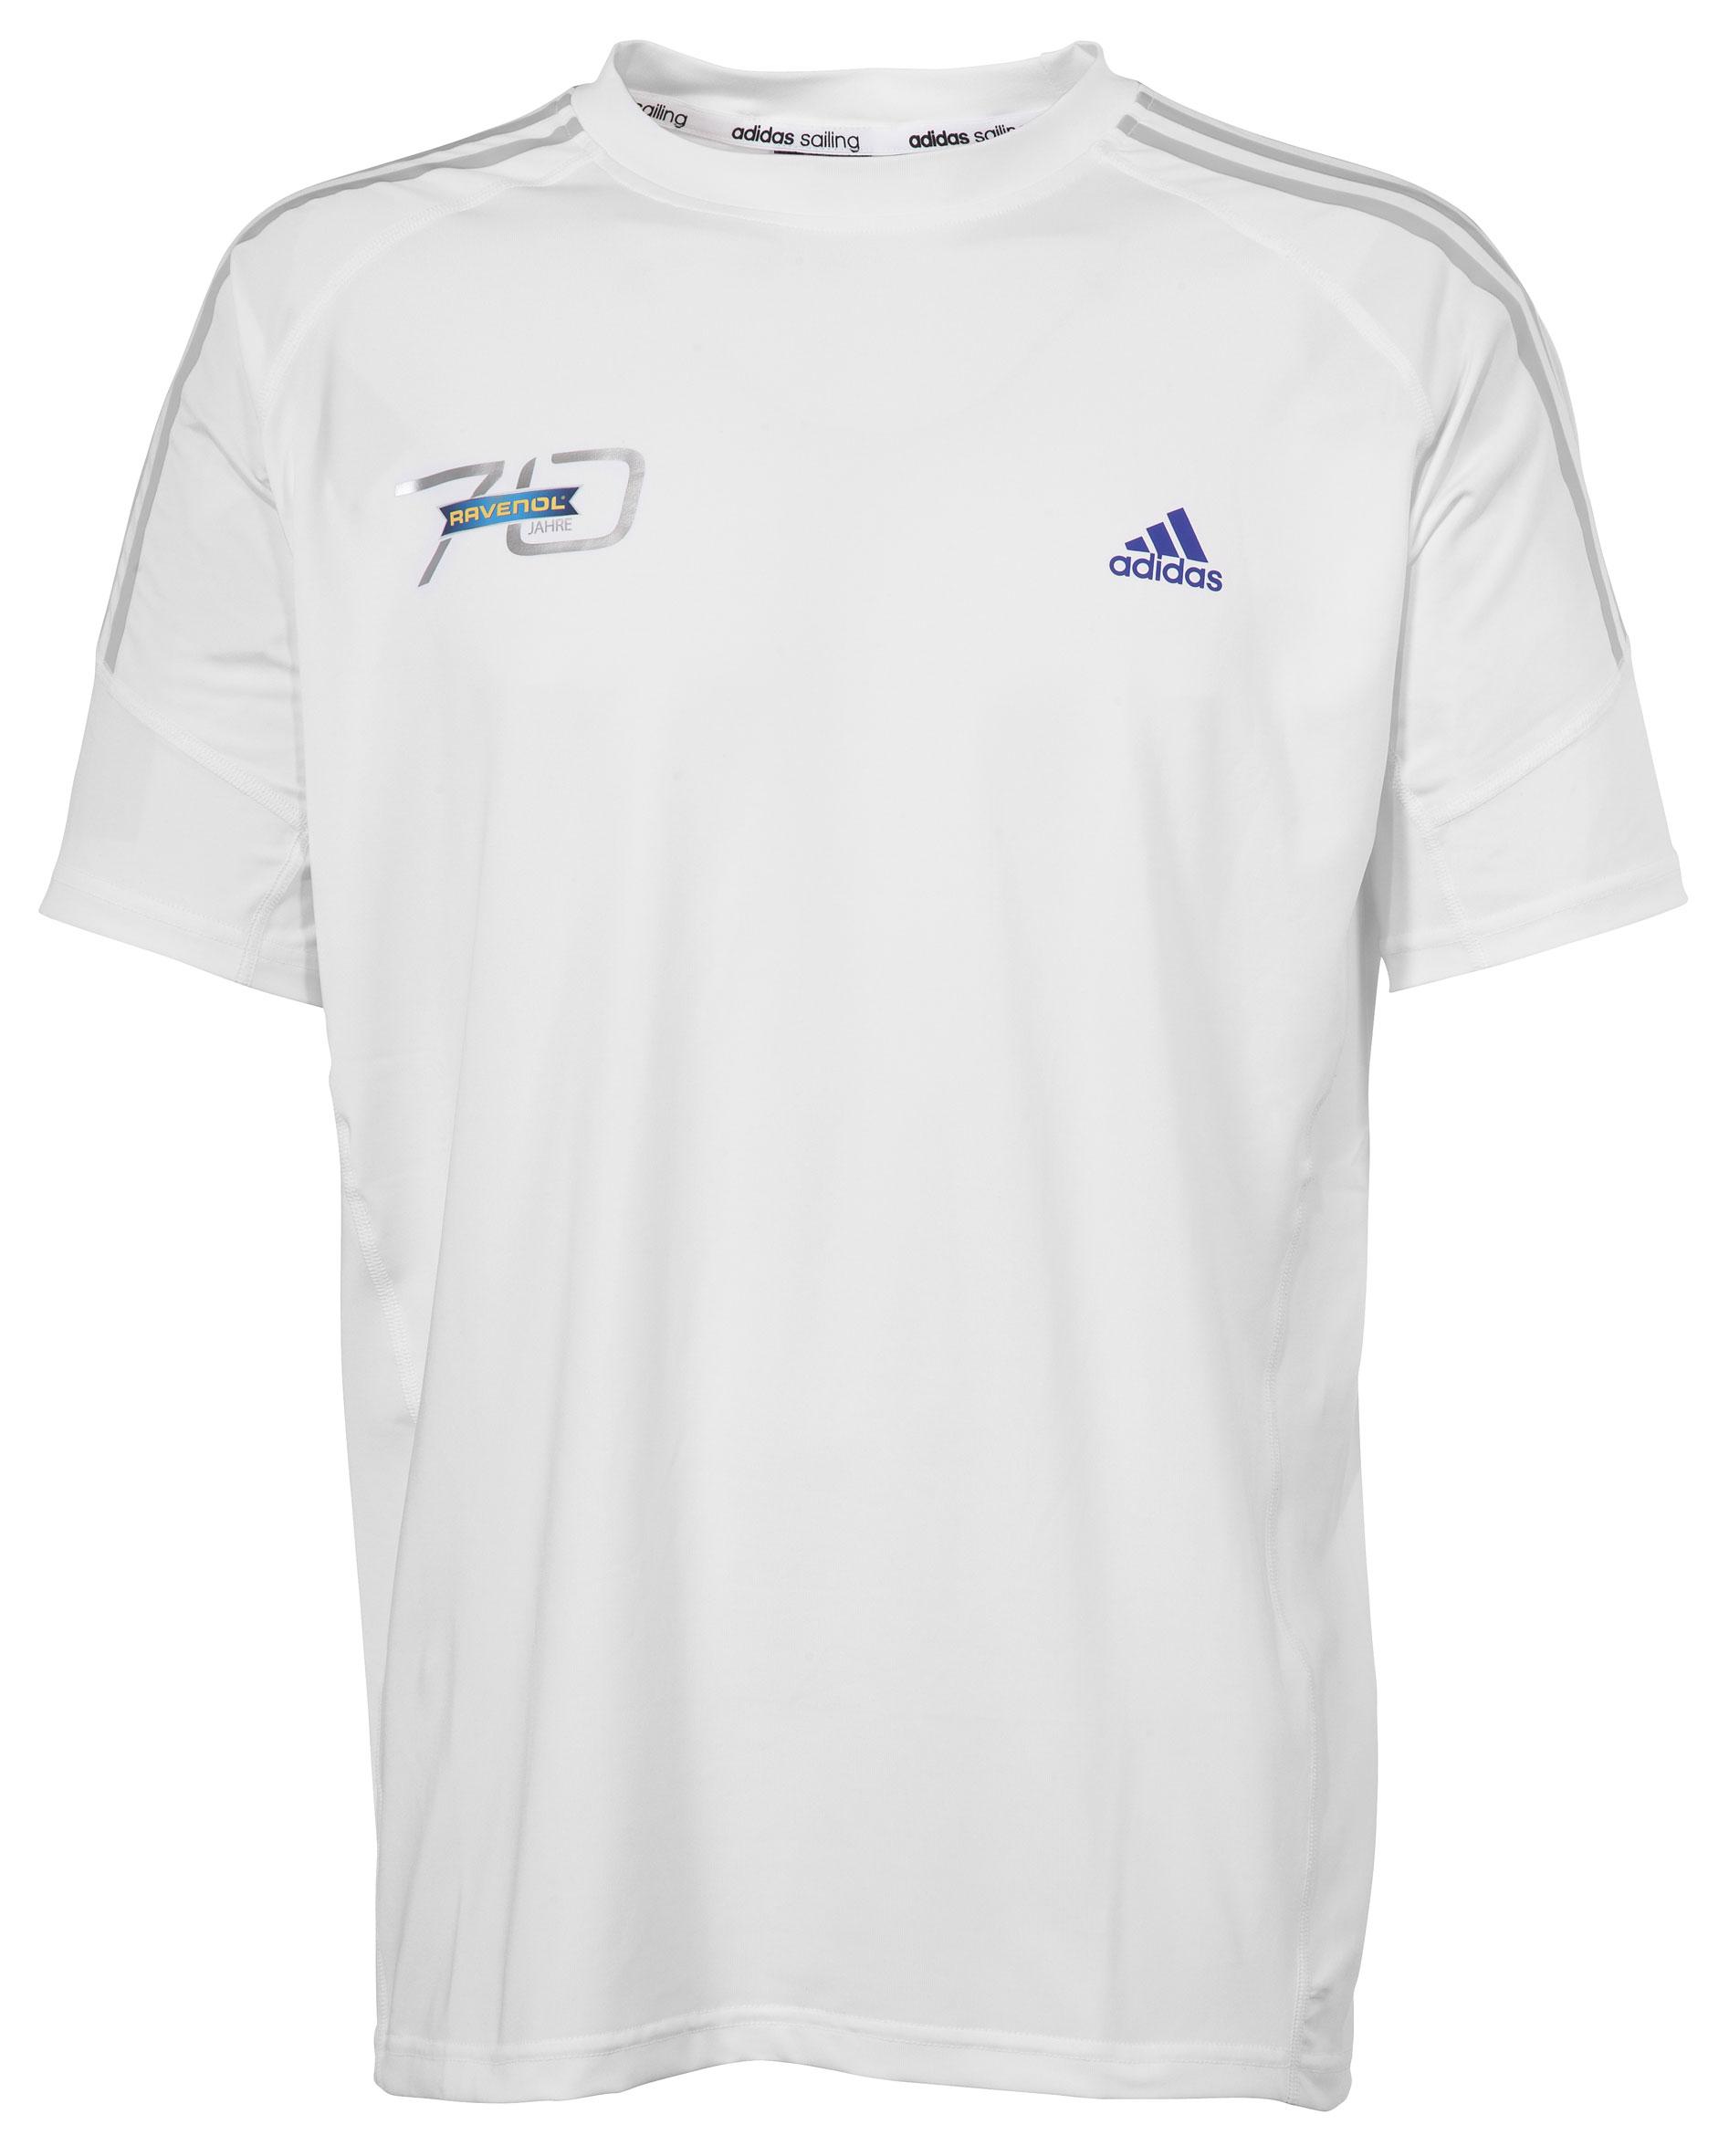 44054a34316b22 ADIDAS T-Shirt weiß mit Ravenol-Logo direkt im Ravenol Shop kaufen